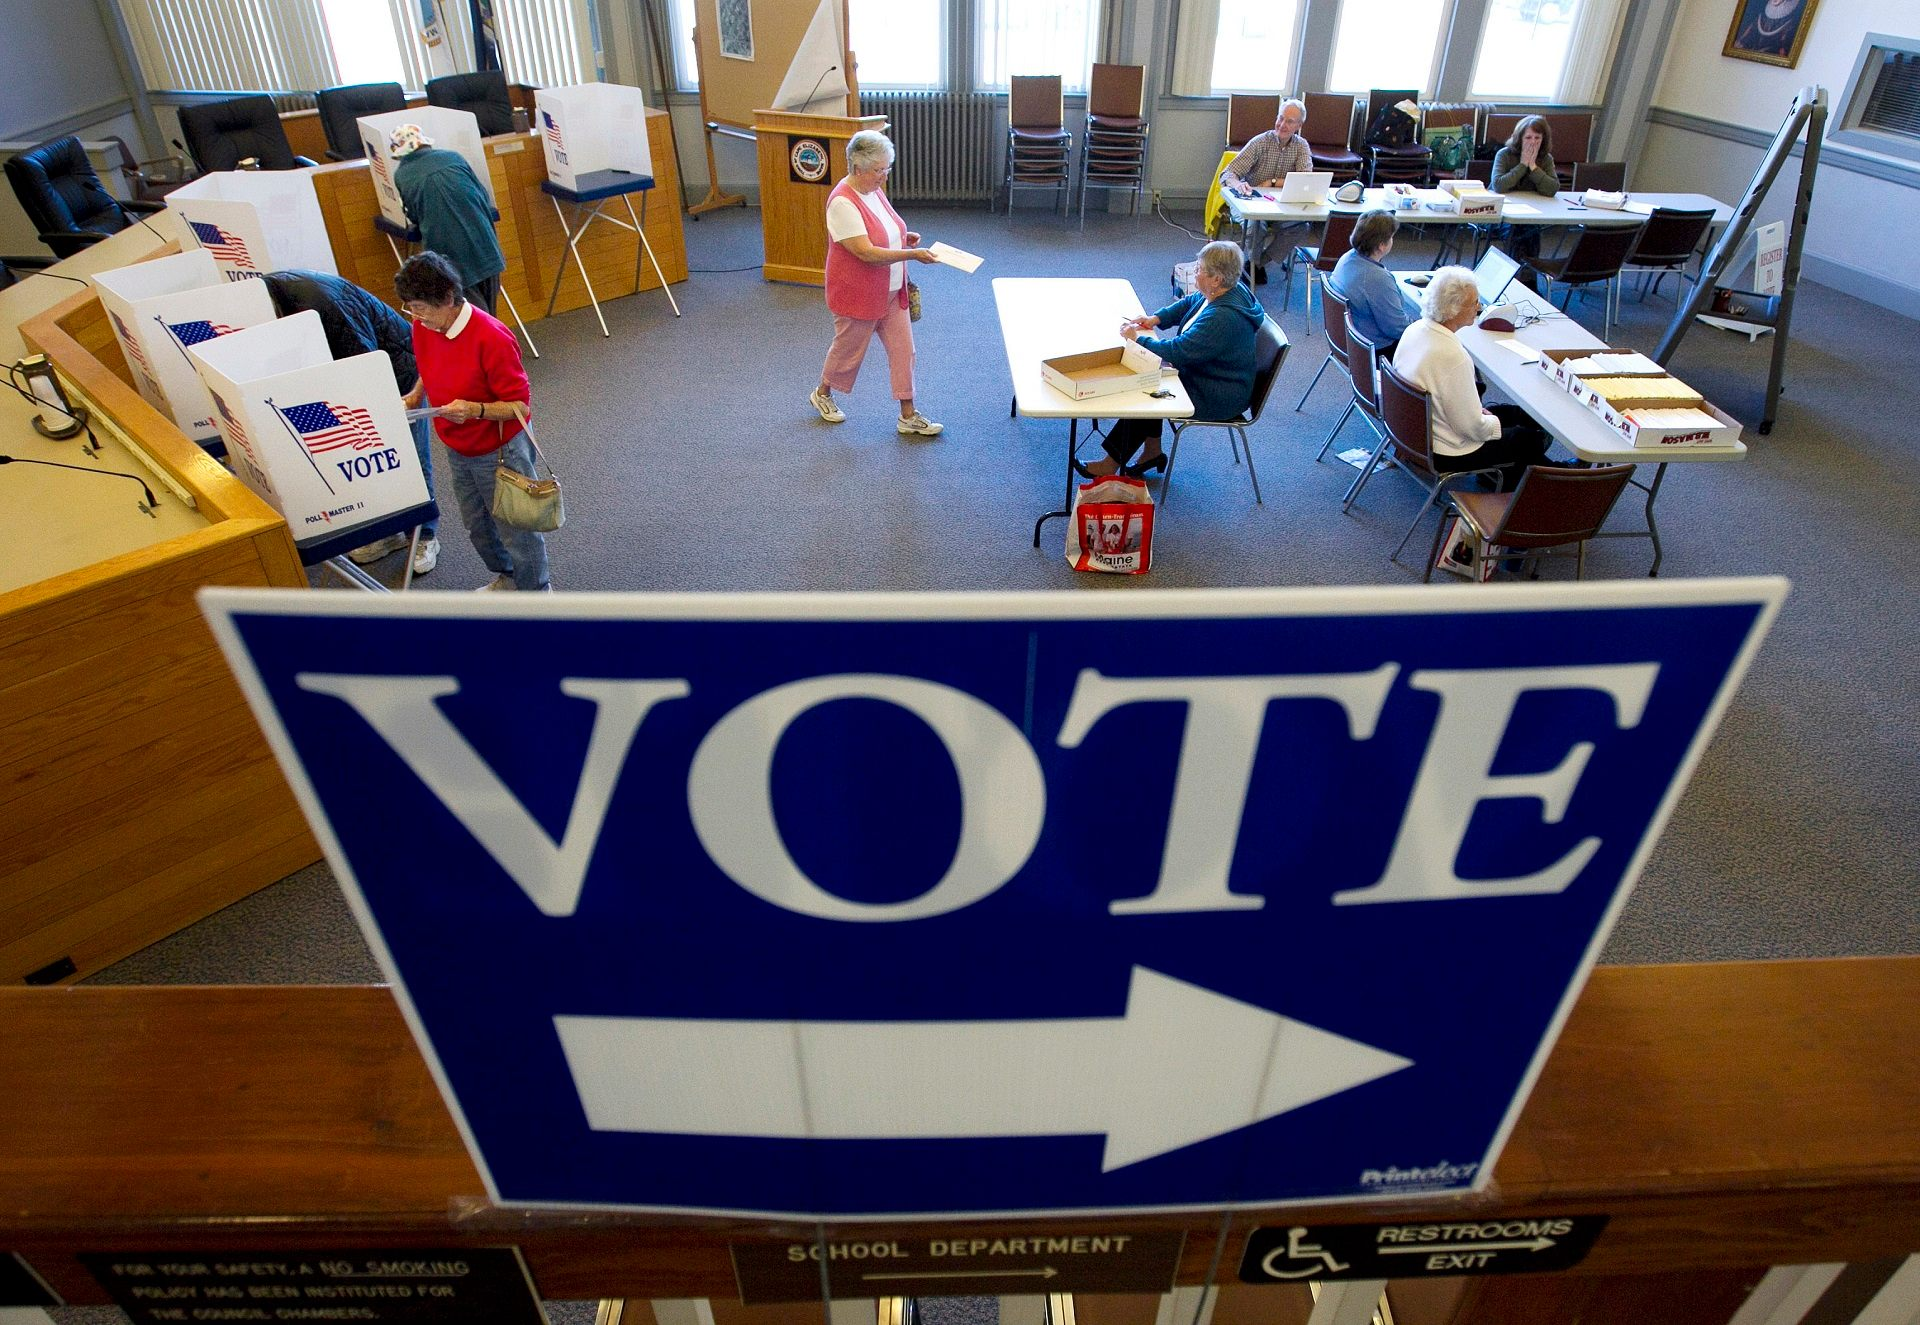 AOC, Άντριου Γιανγκ επιθυμείτε, όπως NYC ψηφοφόροι εγκρίνουν κατατάχθηκε επιλογή σύστημα ψηφοφορίας